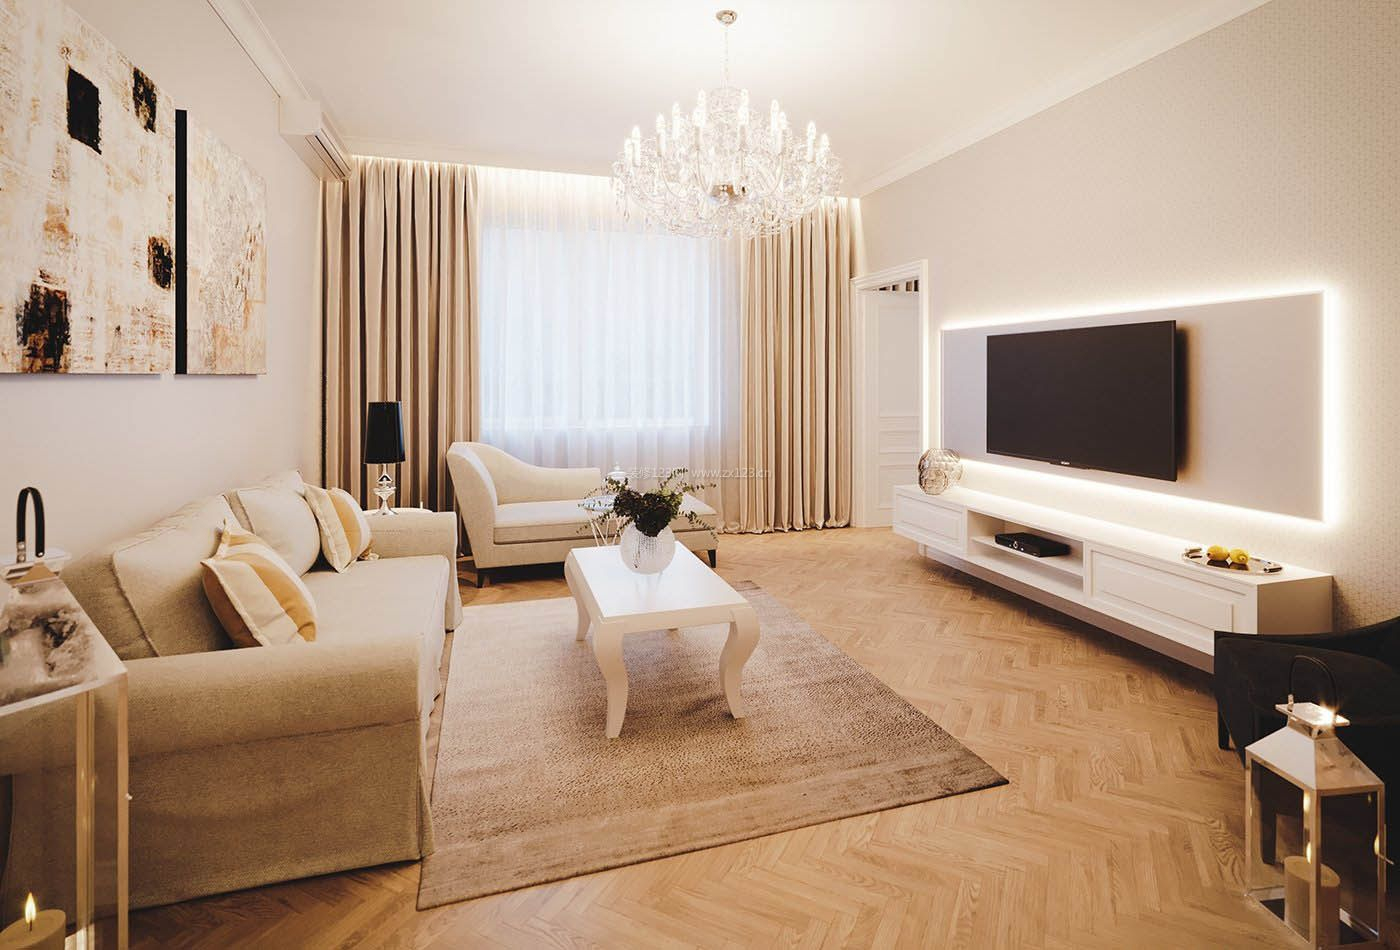 后现代客厅仿木纹地板装修效果图大全